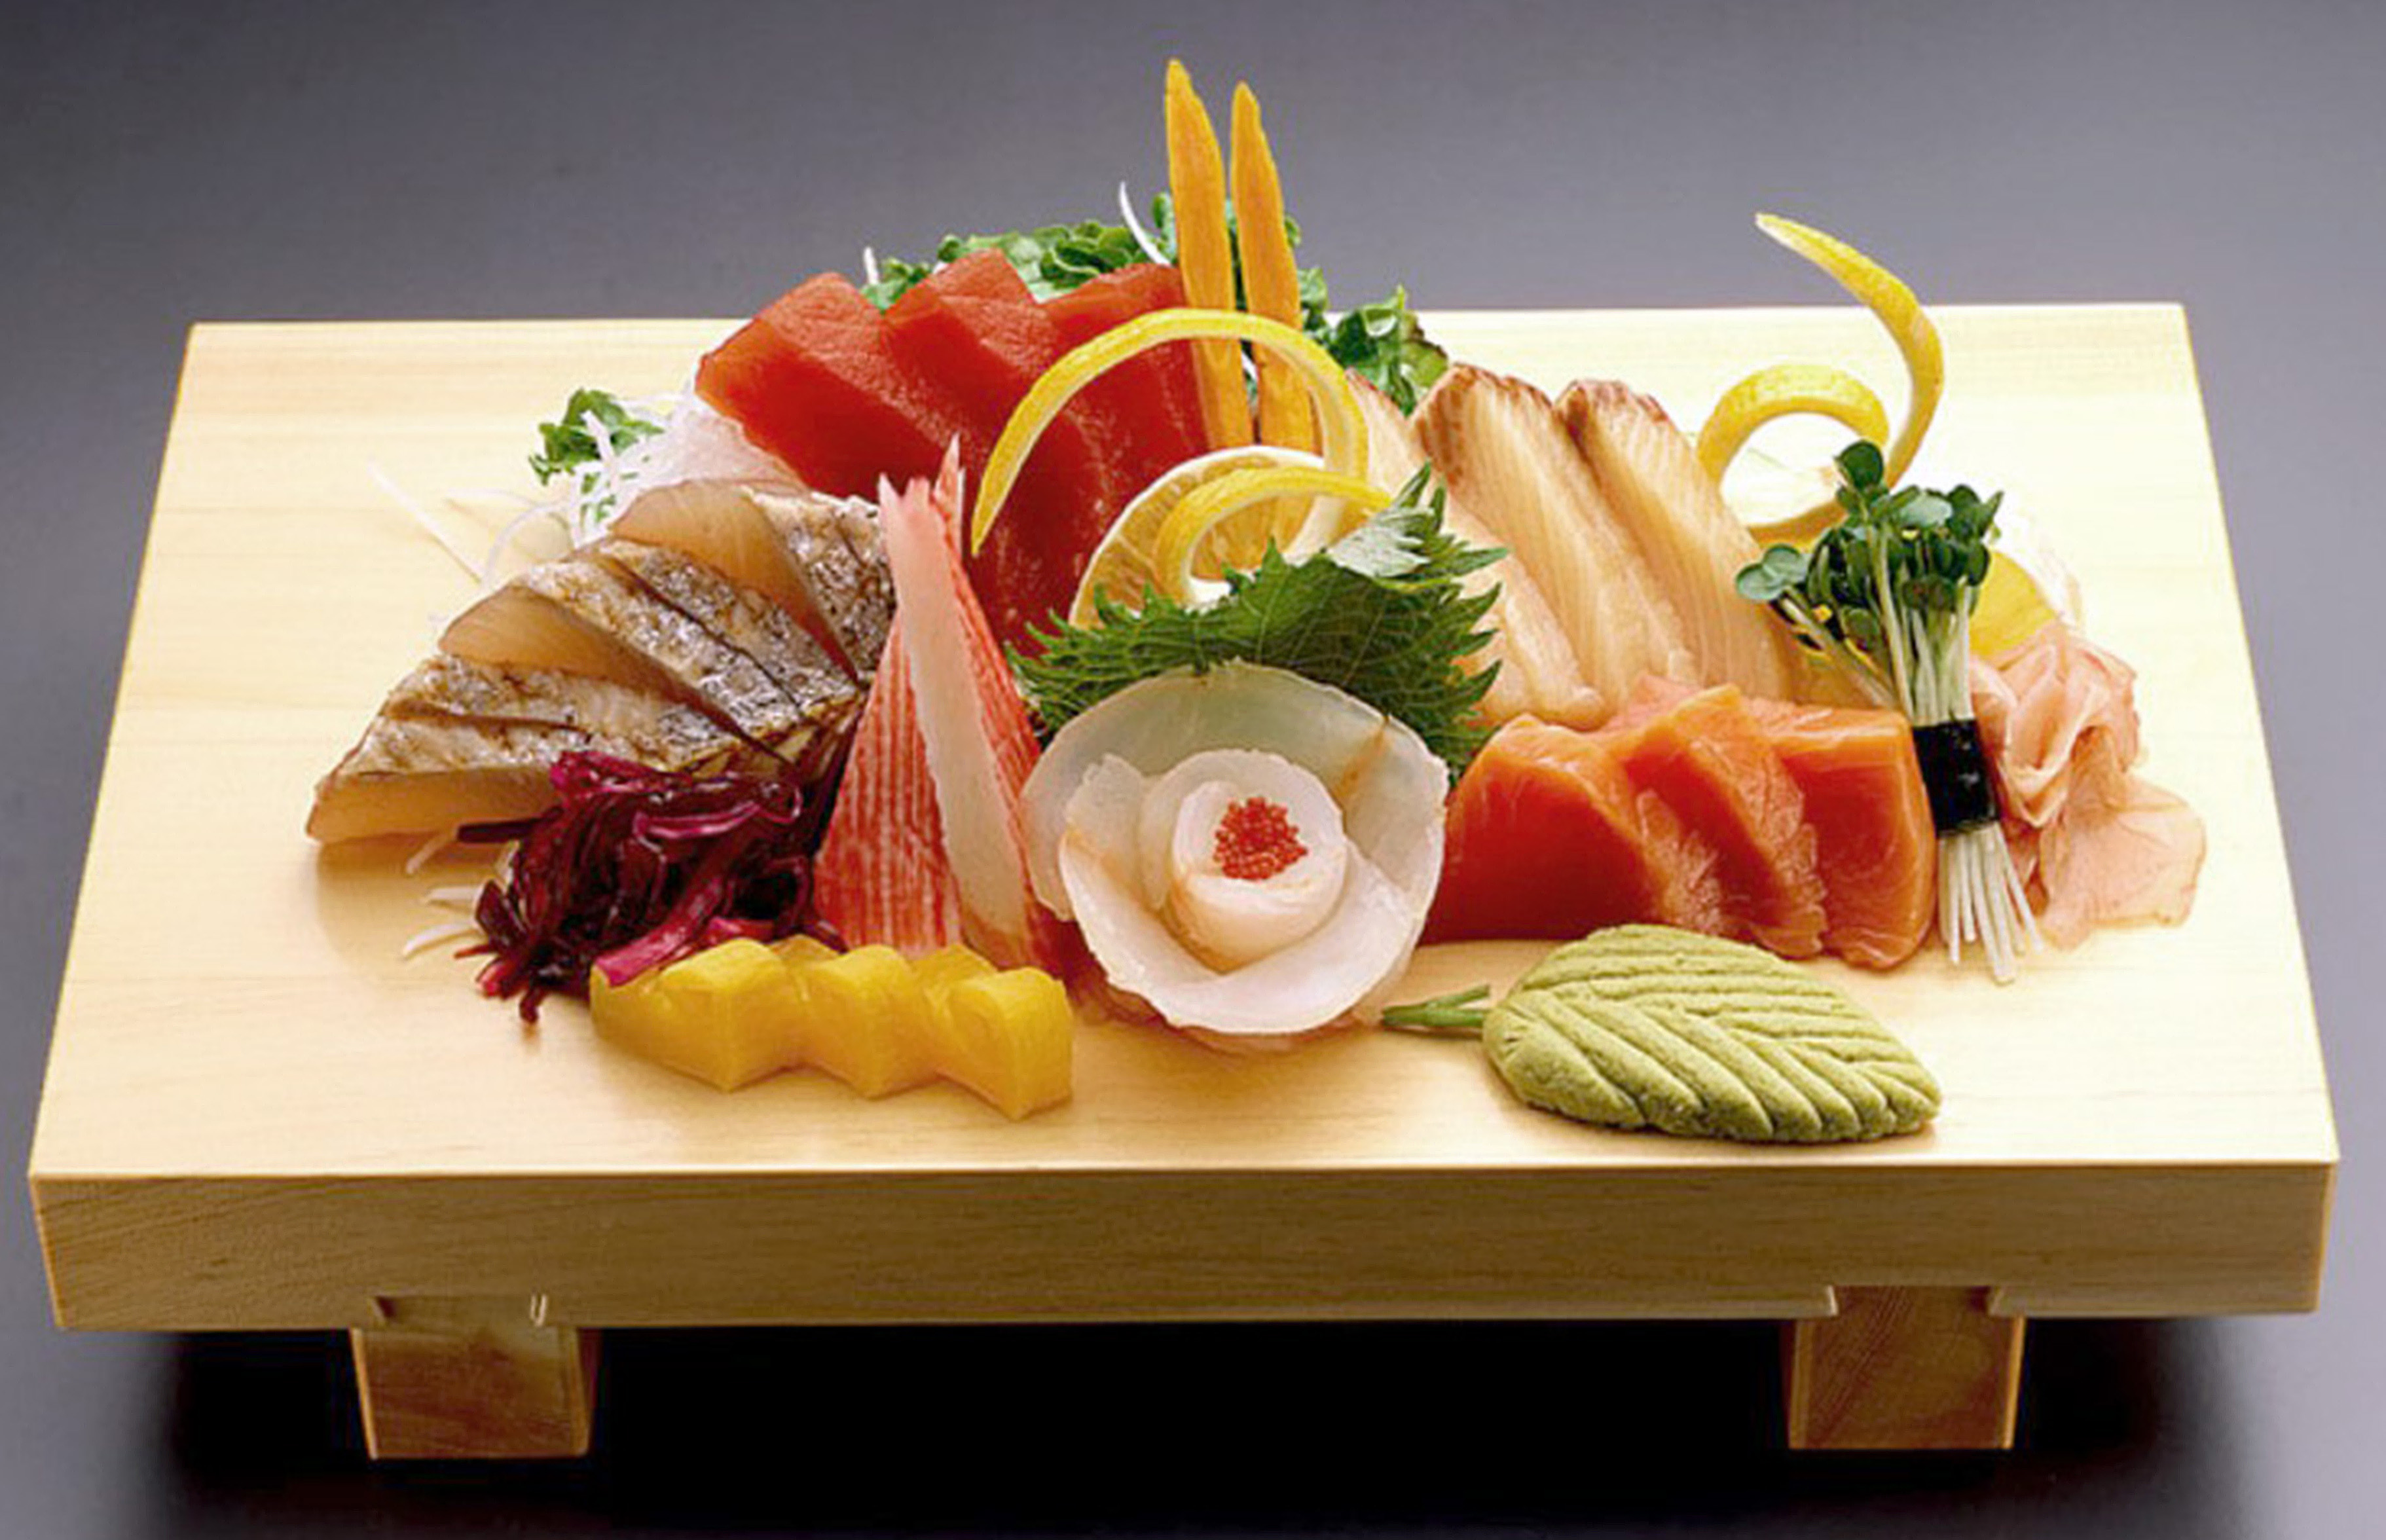 cara-buat-sushi-sendiri-di-rumah-featured-image